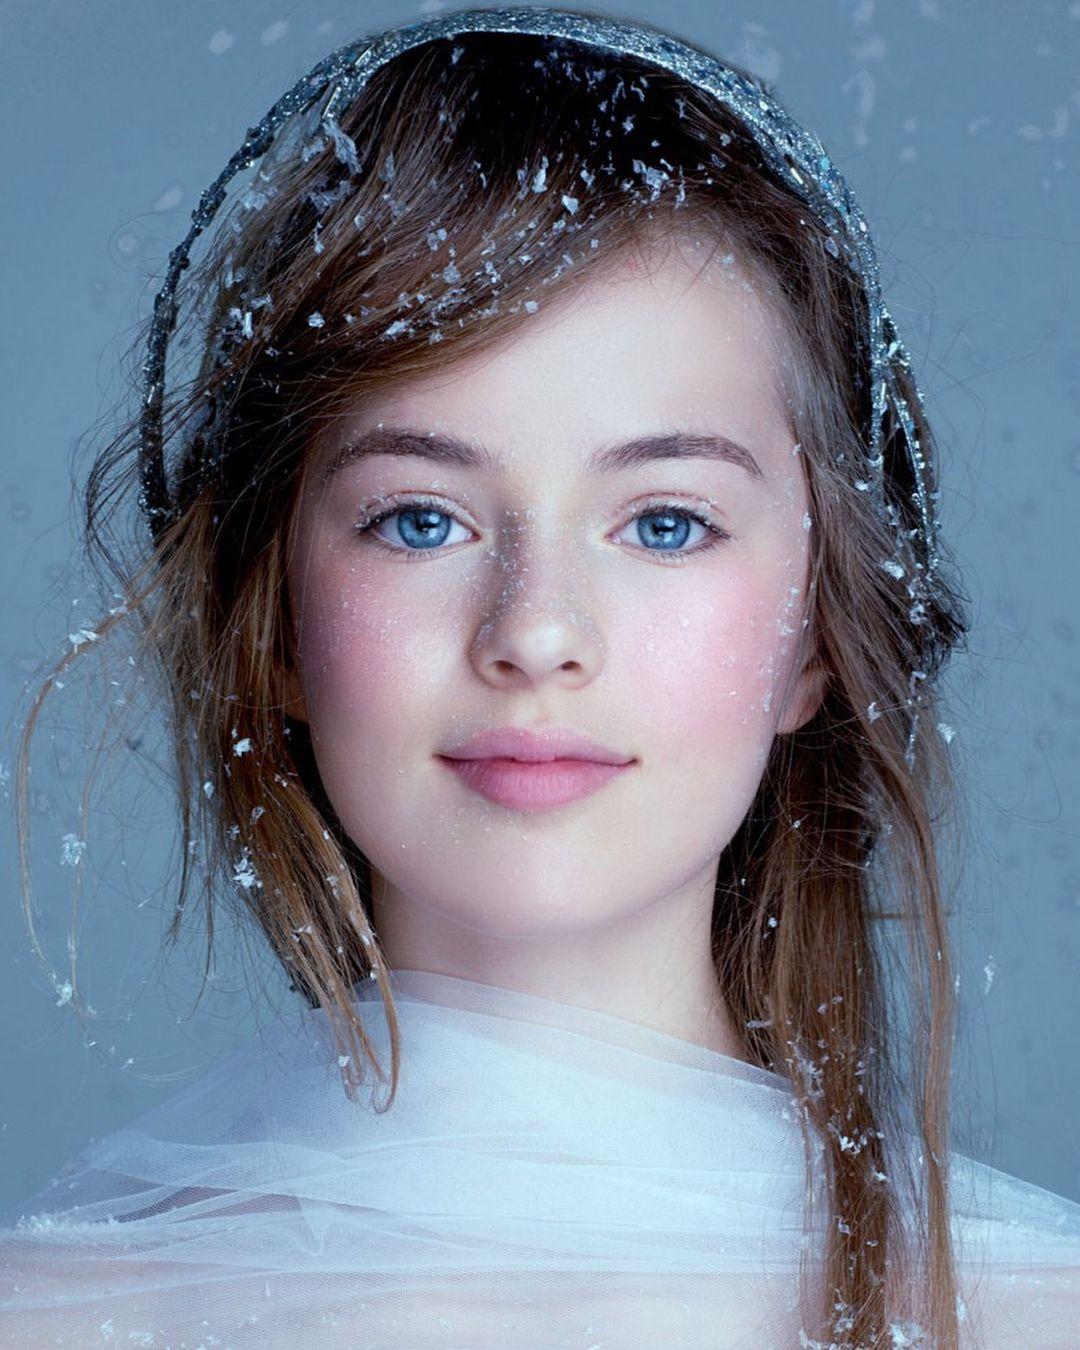 بالصور صور اجمل فتاة , صور رائعة لفتايات جميلات فاتنات 3764 6